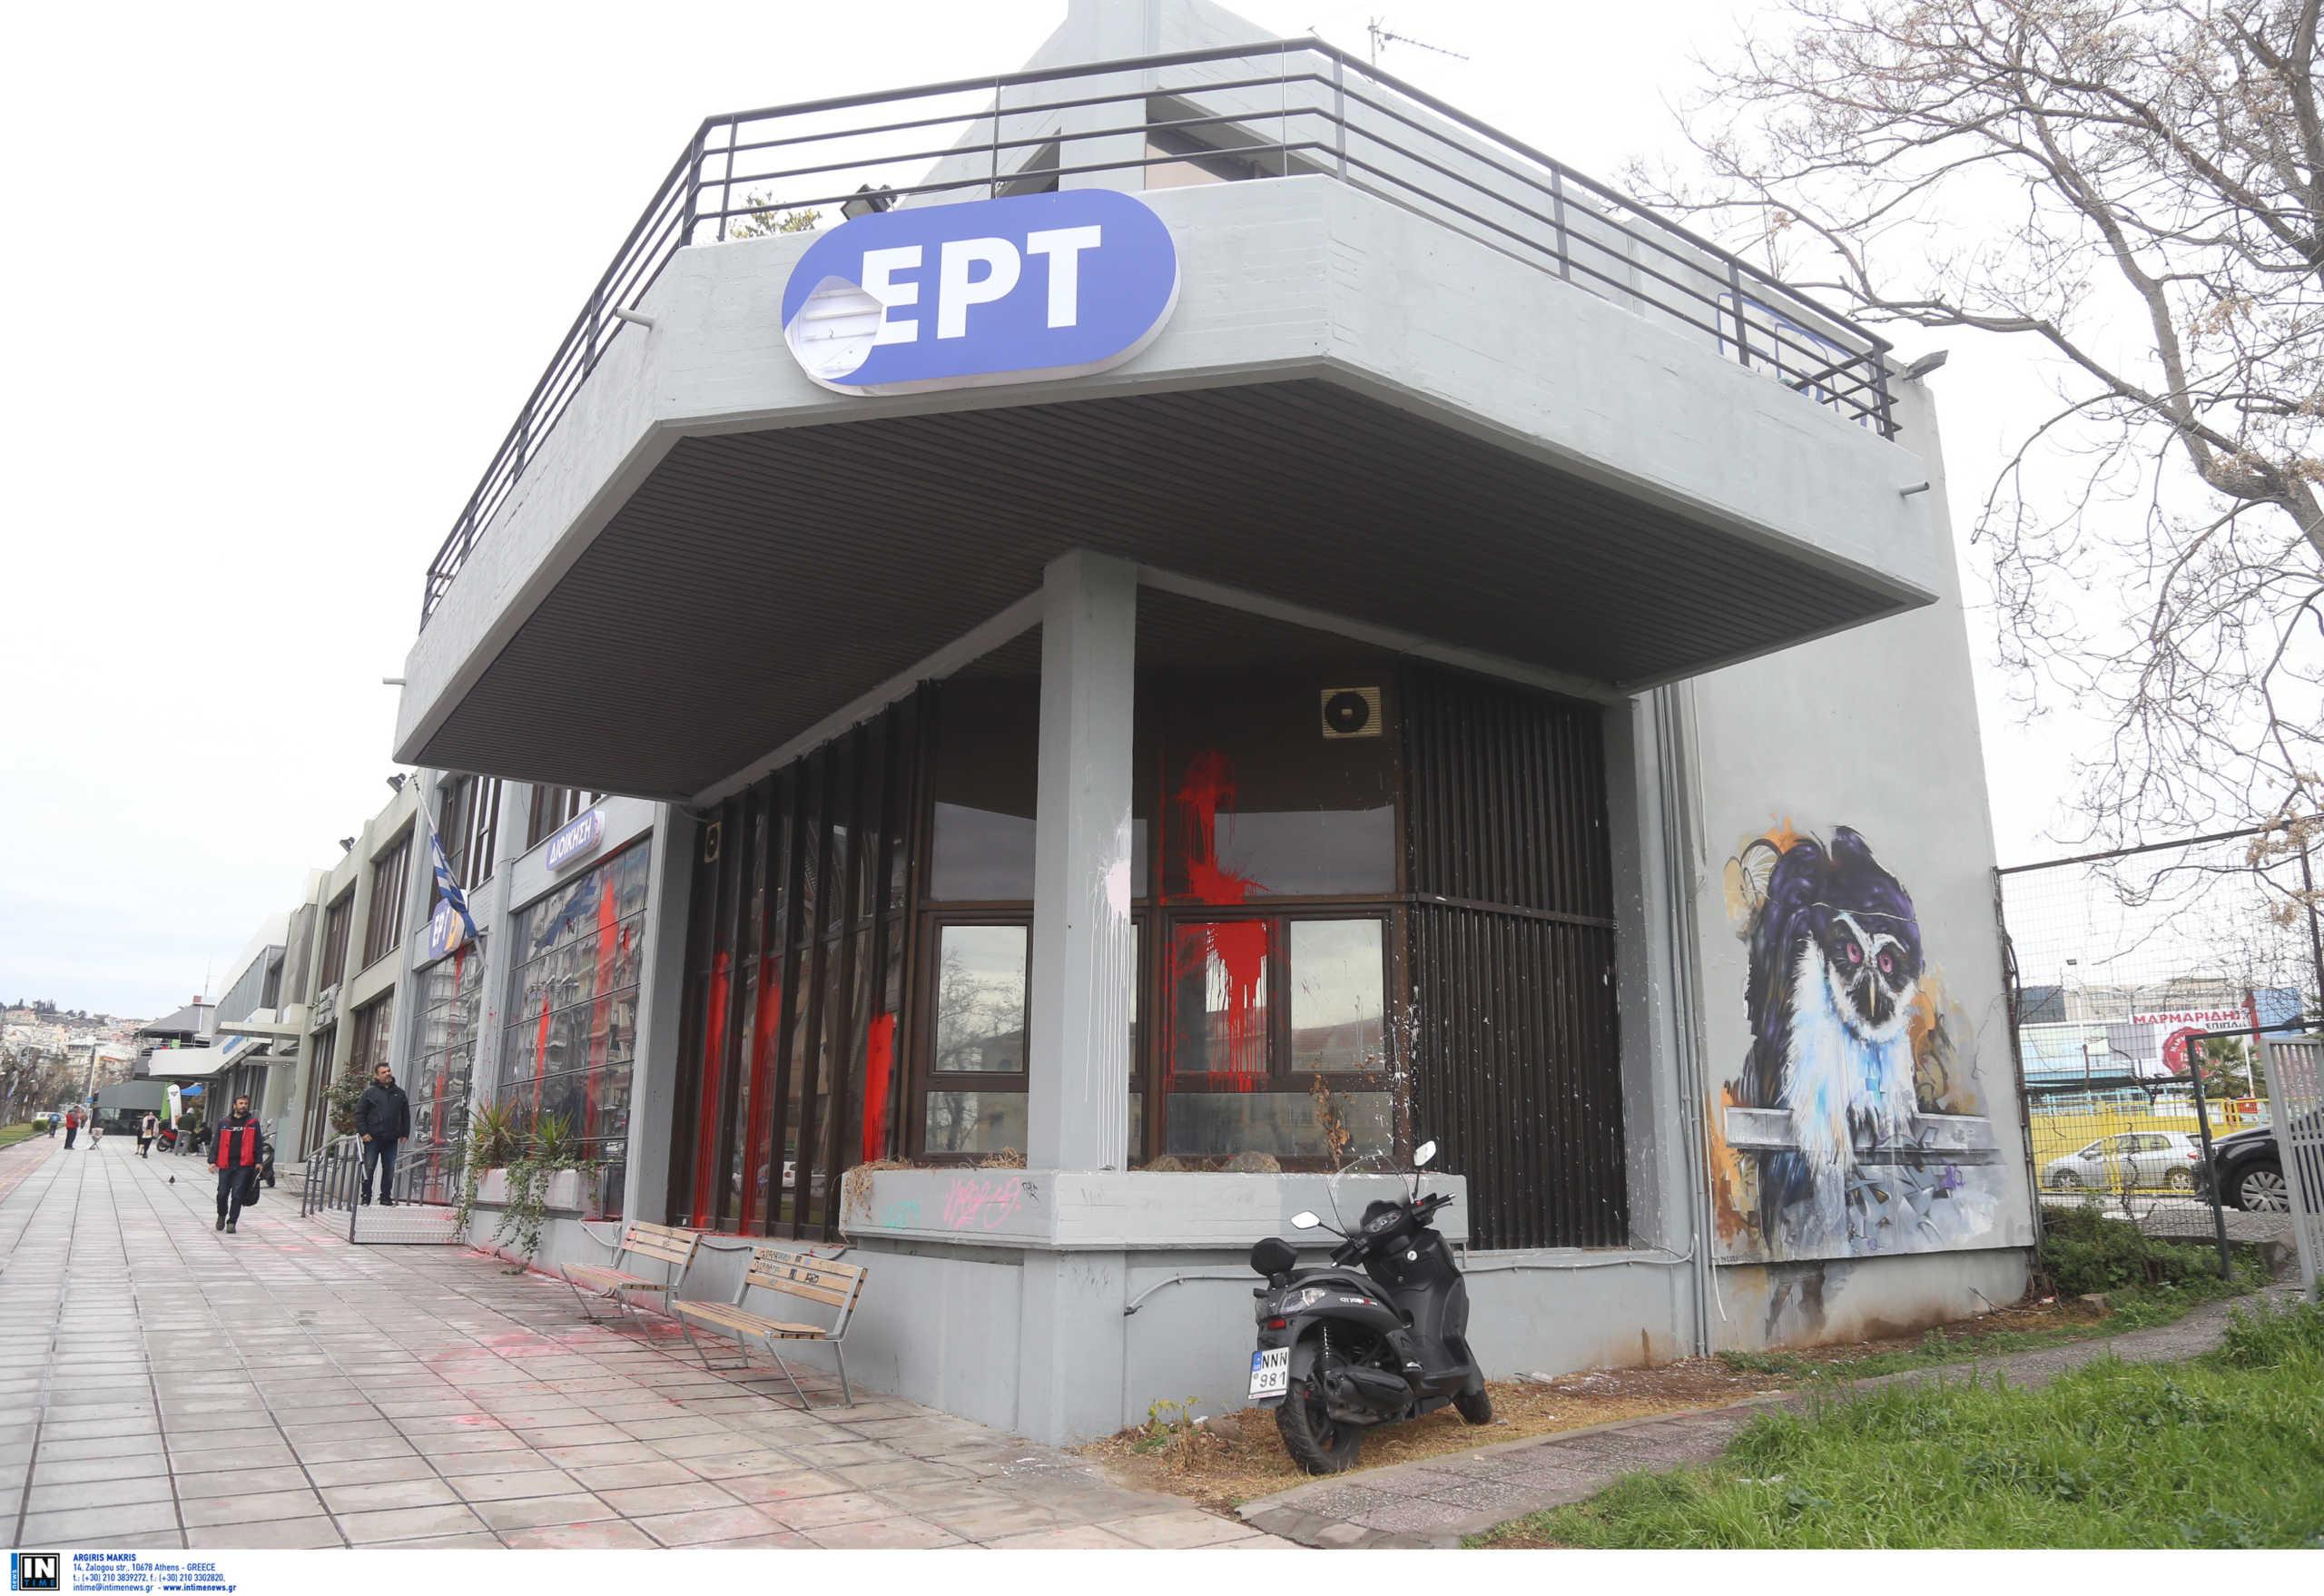 """Θεσσαλονίκη: Αντίδραση από τη διοίκηση της ΕΡΤ για την επίθεση με μπογιές! """"Πράξη ανούσιου παλικαρισμού"""""""